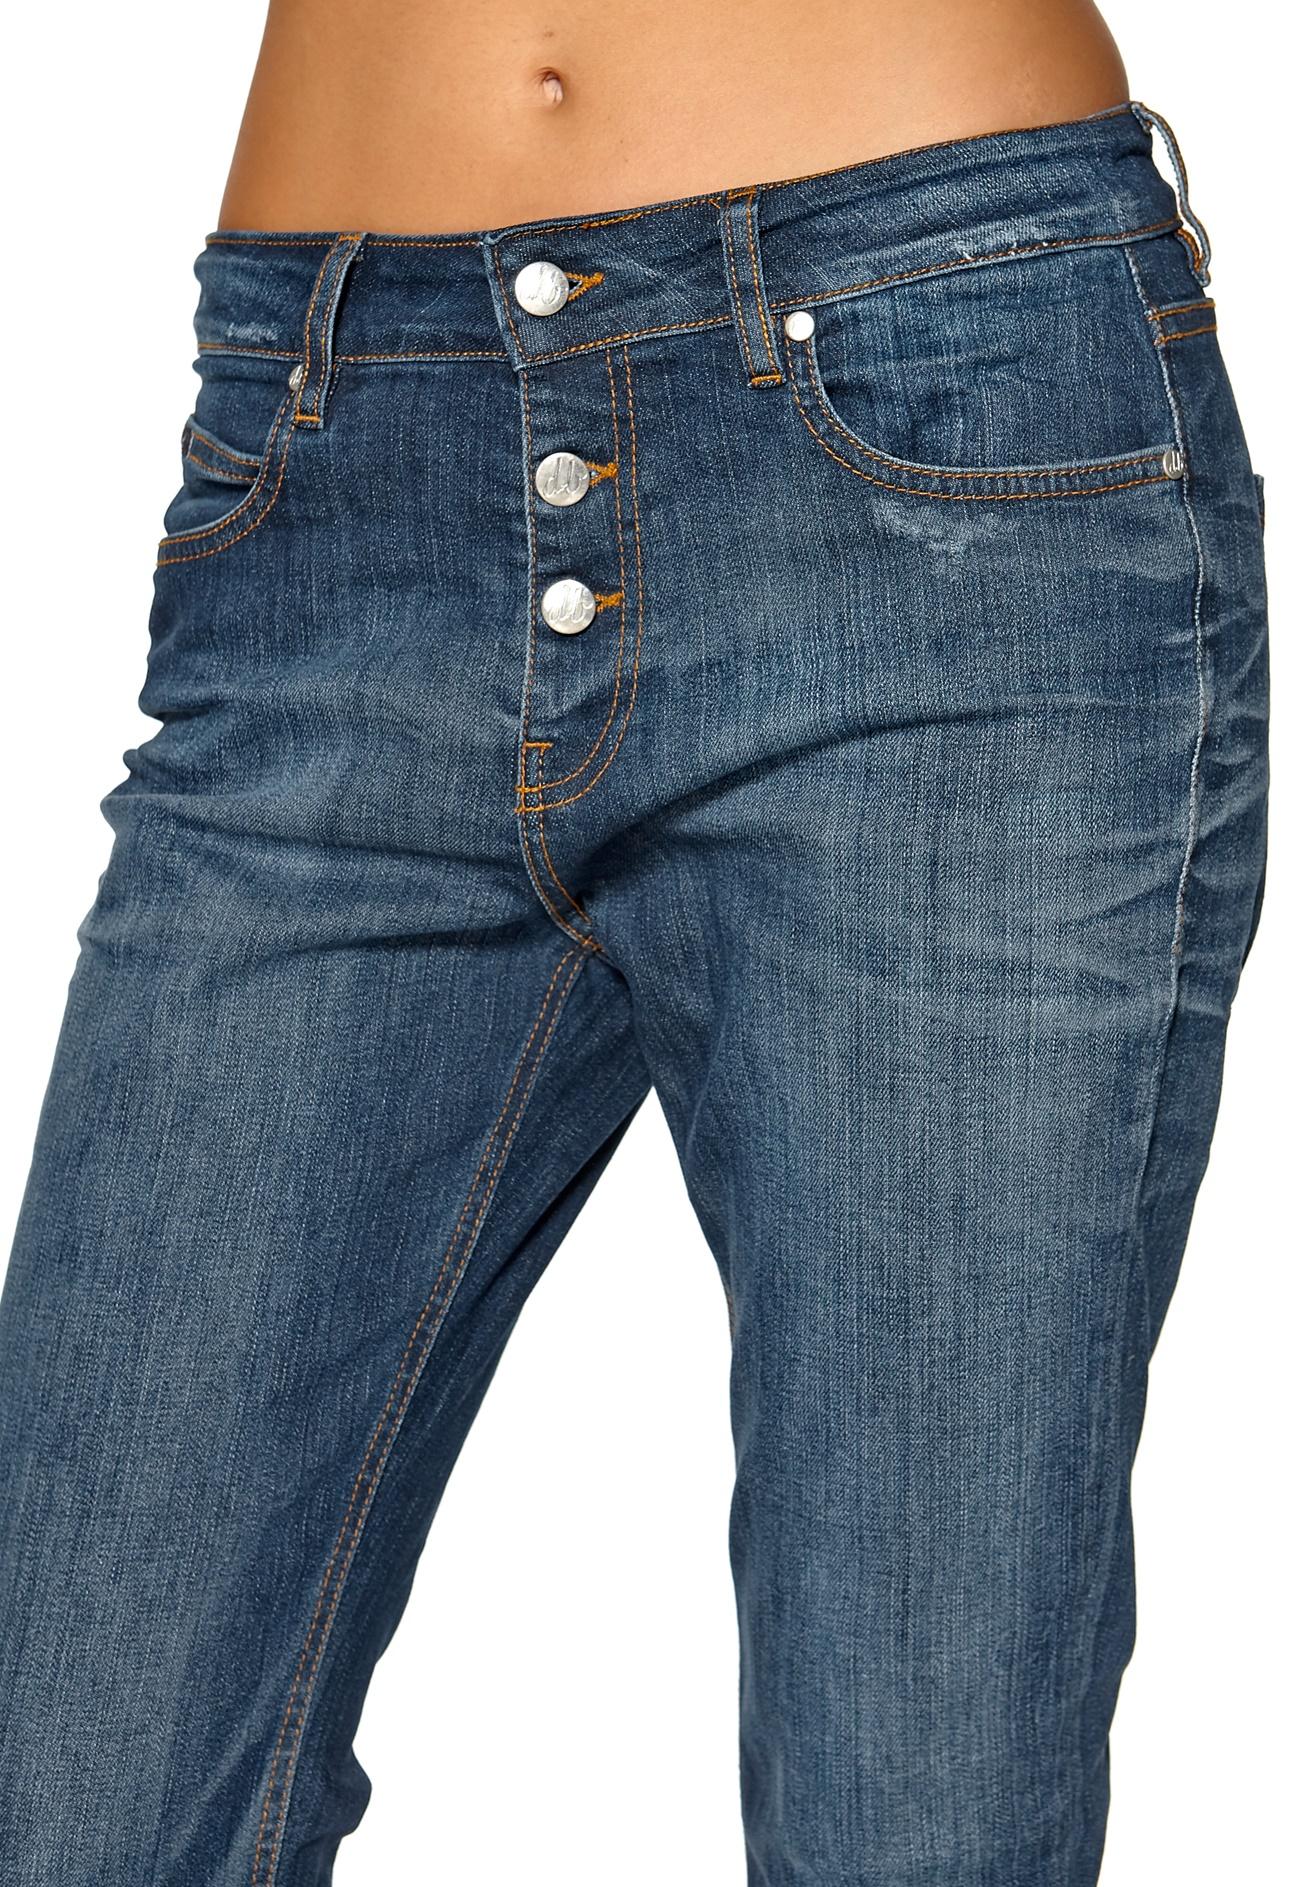 D.Brand Carrot Fit Jeans Denim Blue Wash - Bubbleroom